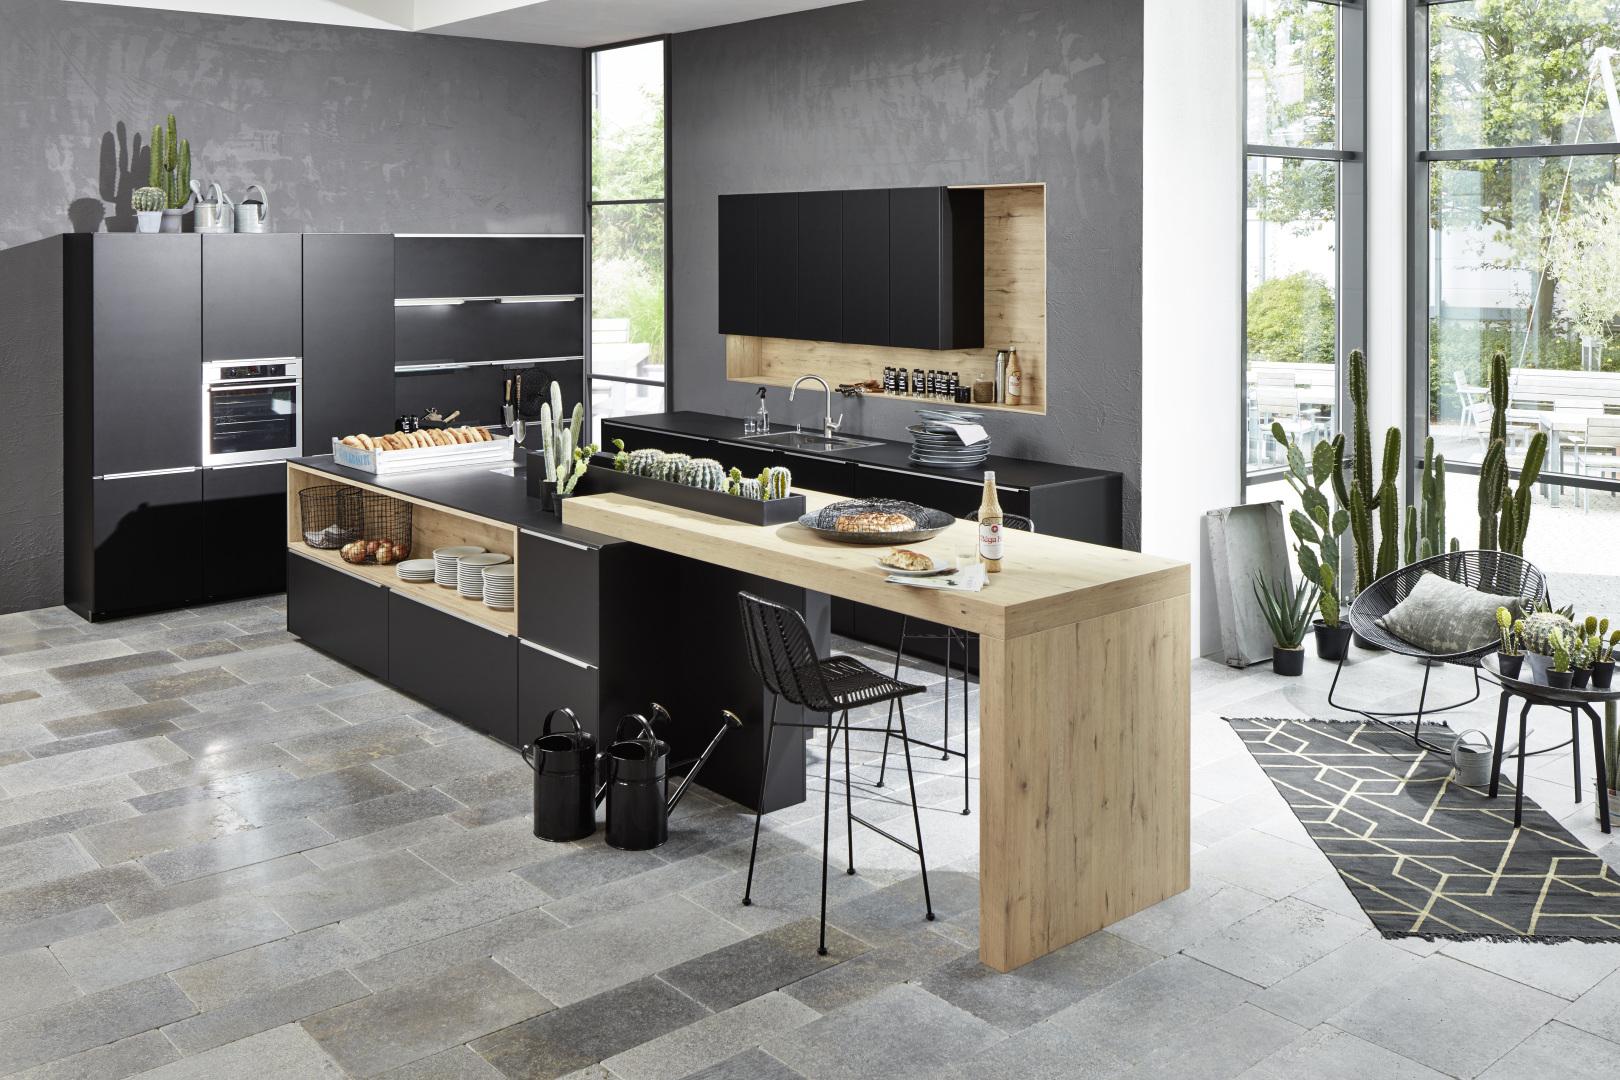 nolte Küchen - stilvolle Design Küchen, Landhausküchen, offene ... | {Küchen löhne 37}